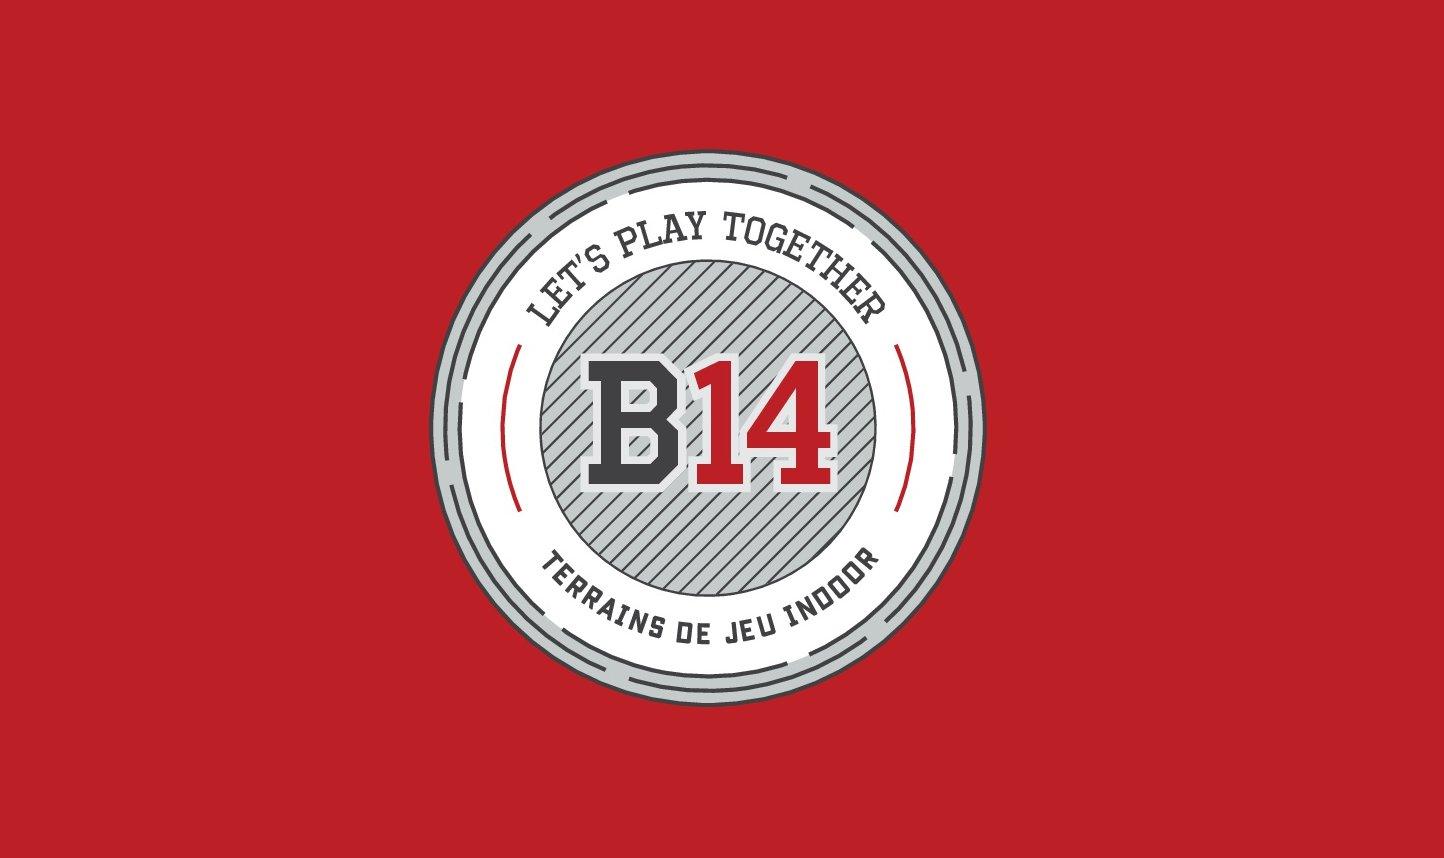 The B14: il nuovo centro di padel a Parigi